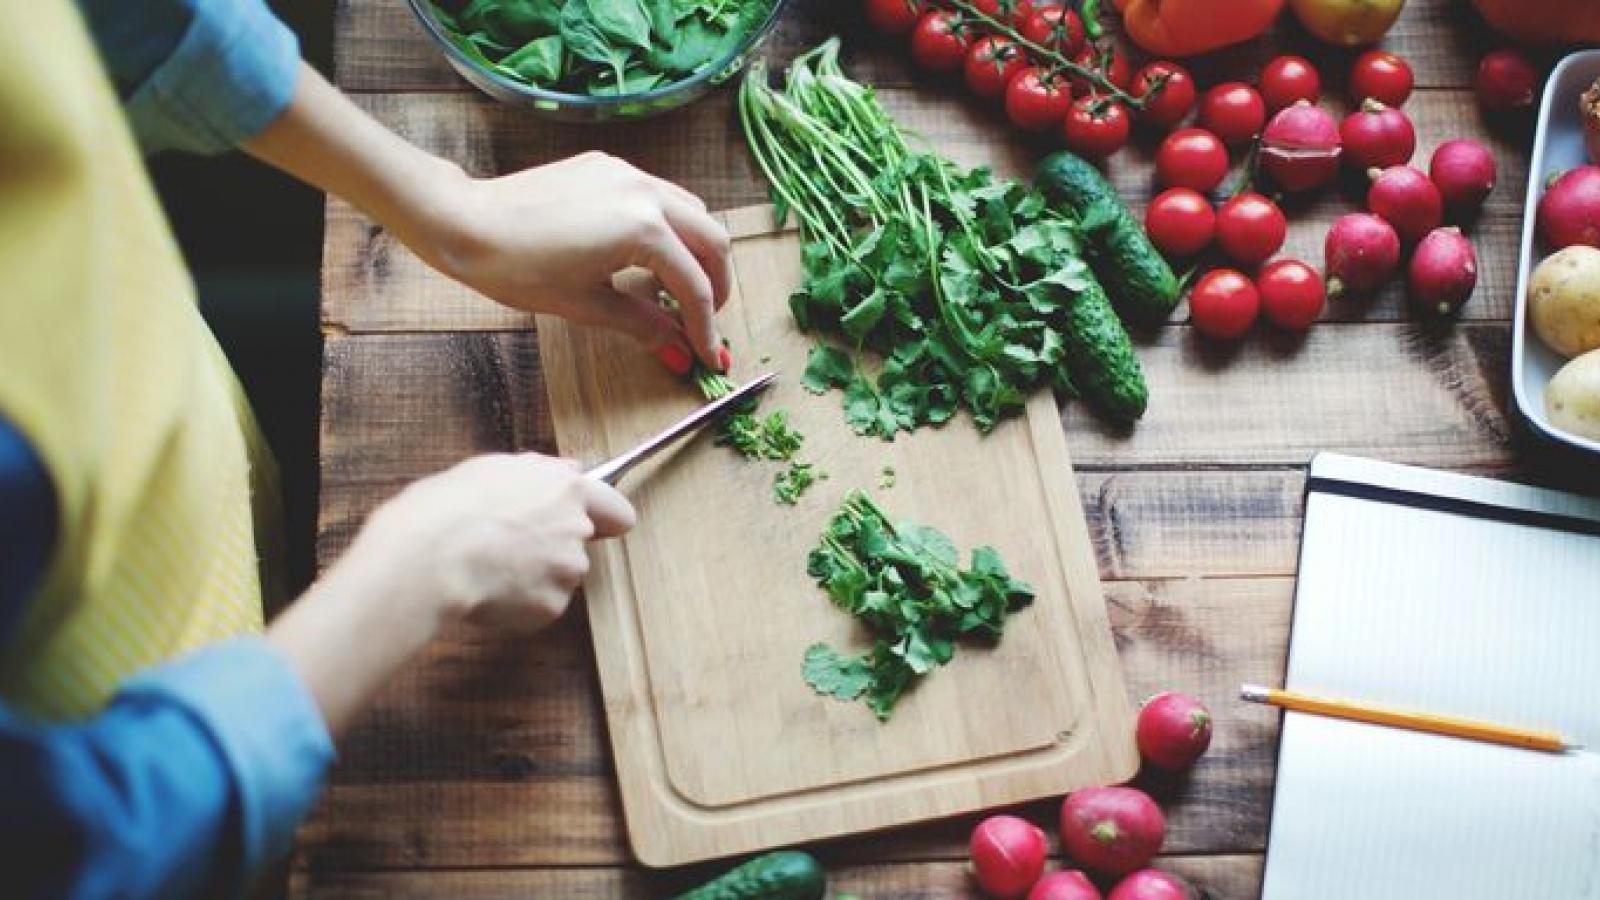 8 cách thông minh giúp hạn chế lãng phí thực phẩm